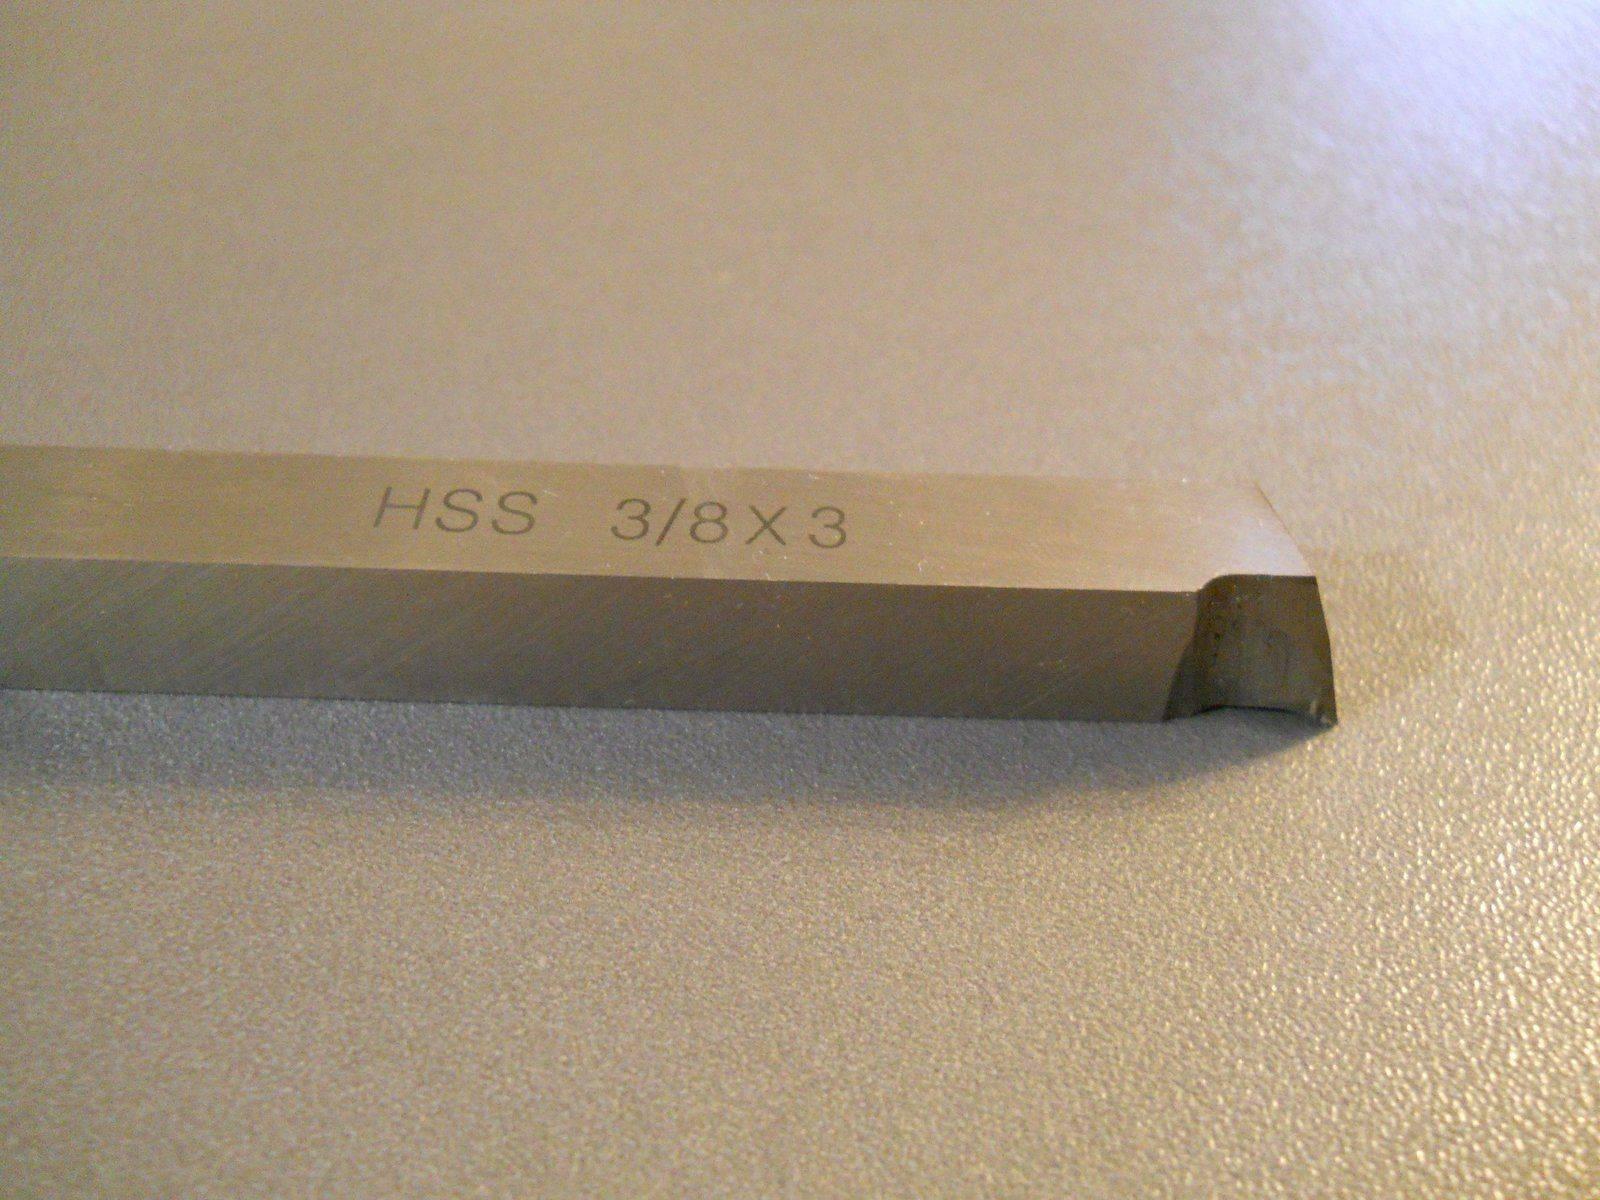 DSCN0618.JPG